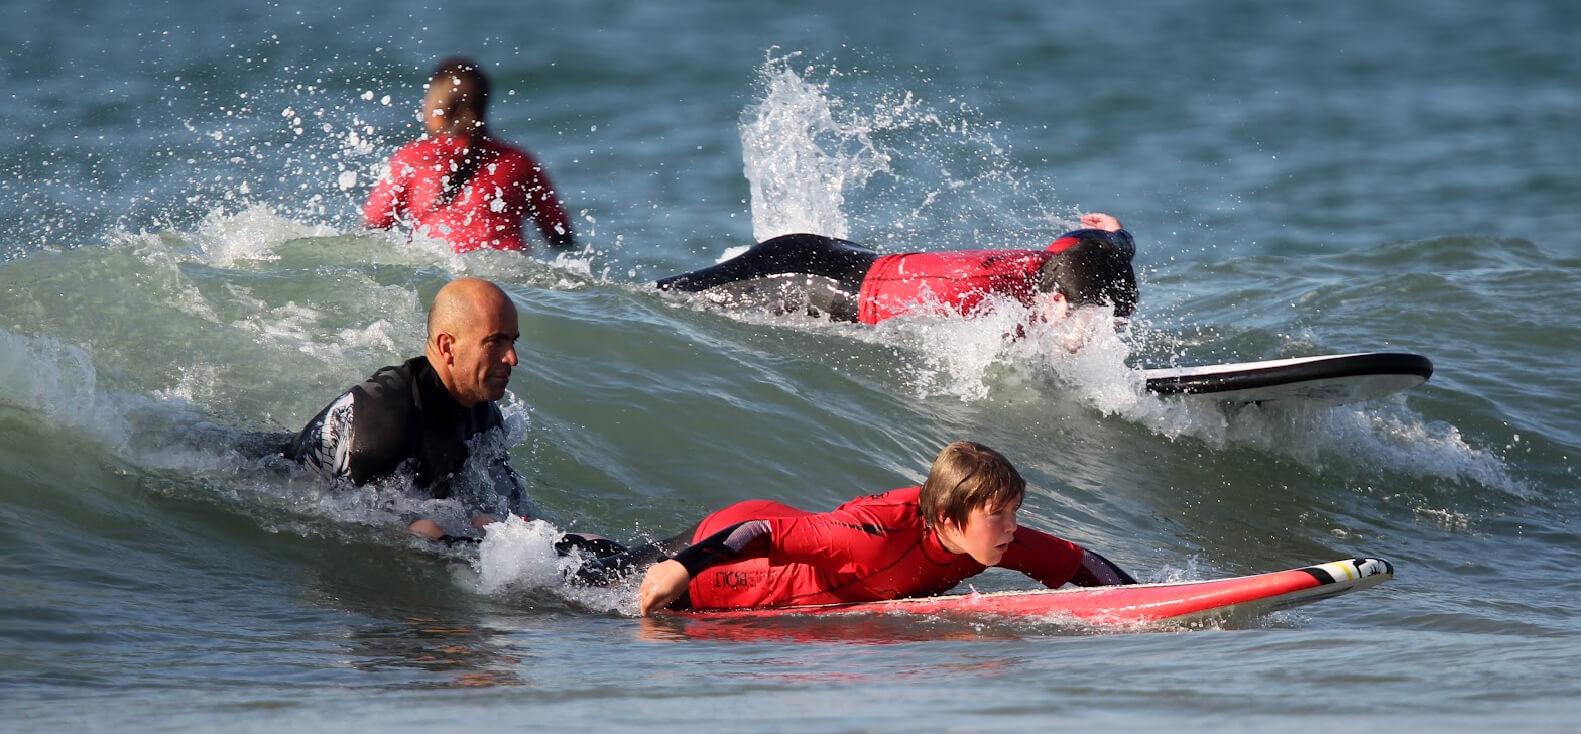 Surfcamp Carcavelos Surf School in Cascais, Lisboa, Portugal